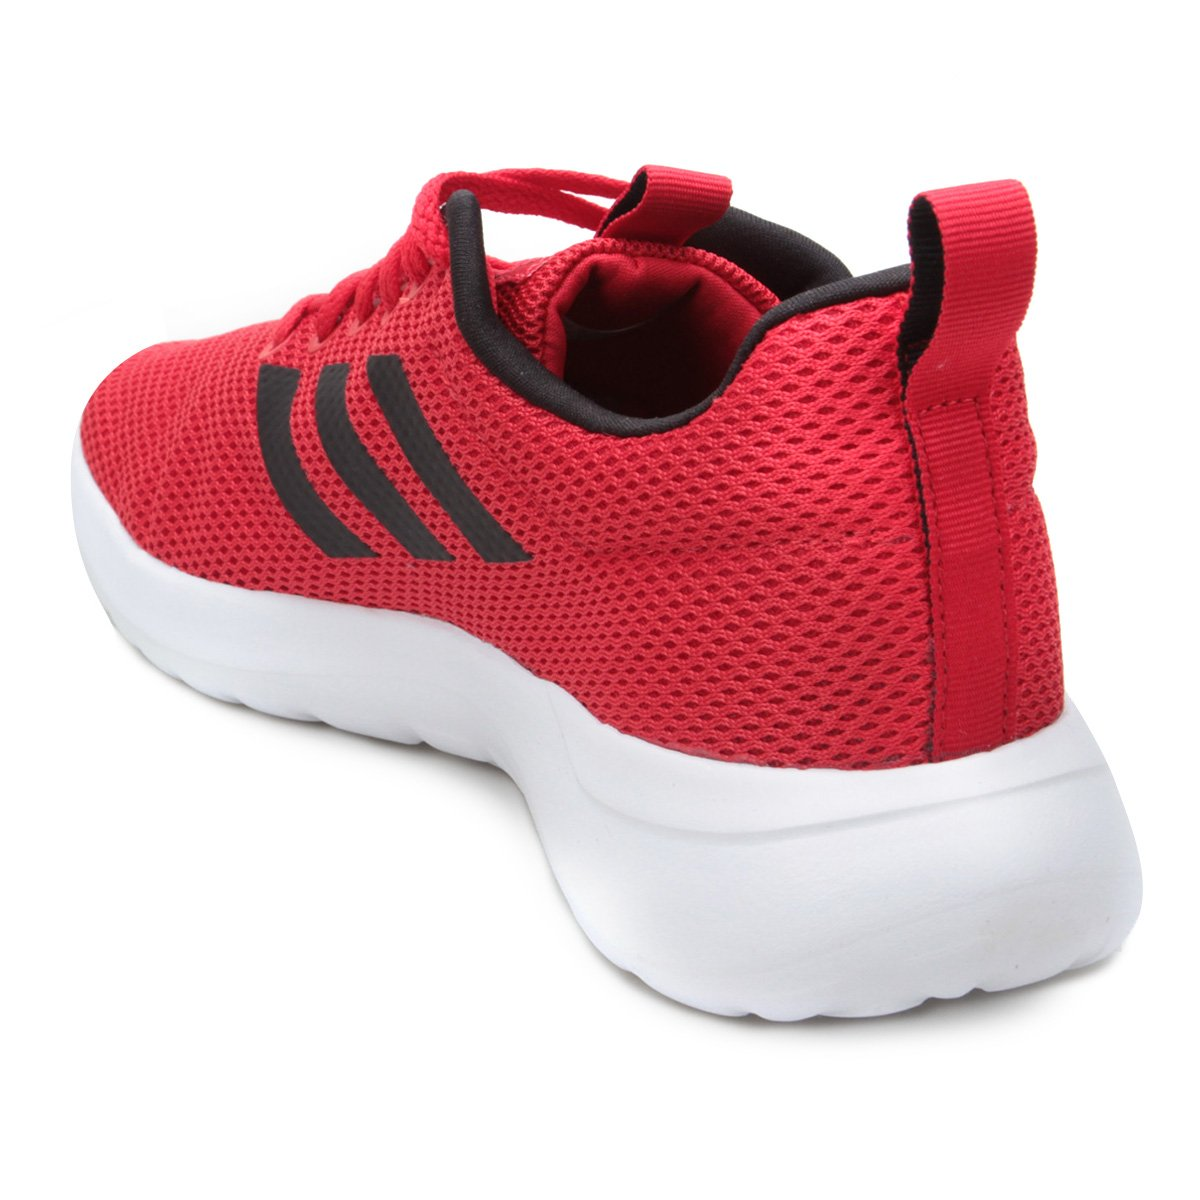 553f17c771 Tênis Adidas Lite Racer CLN Masculino - Compre Agora